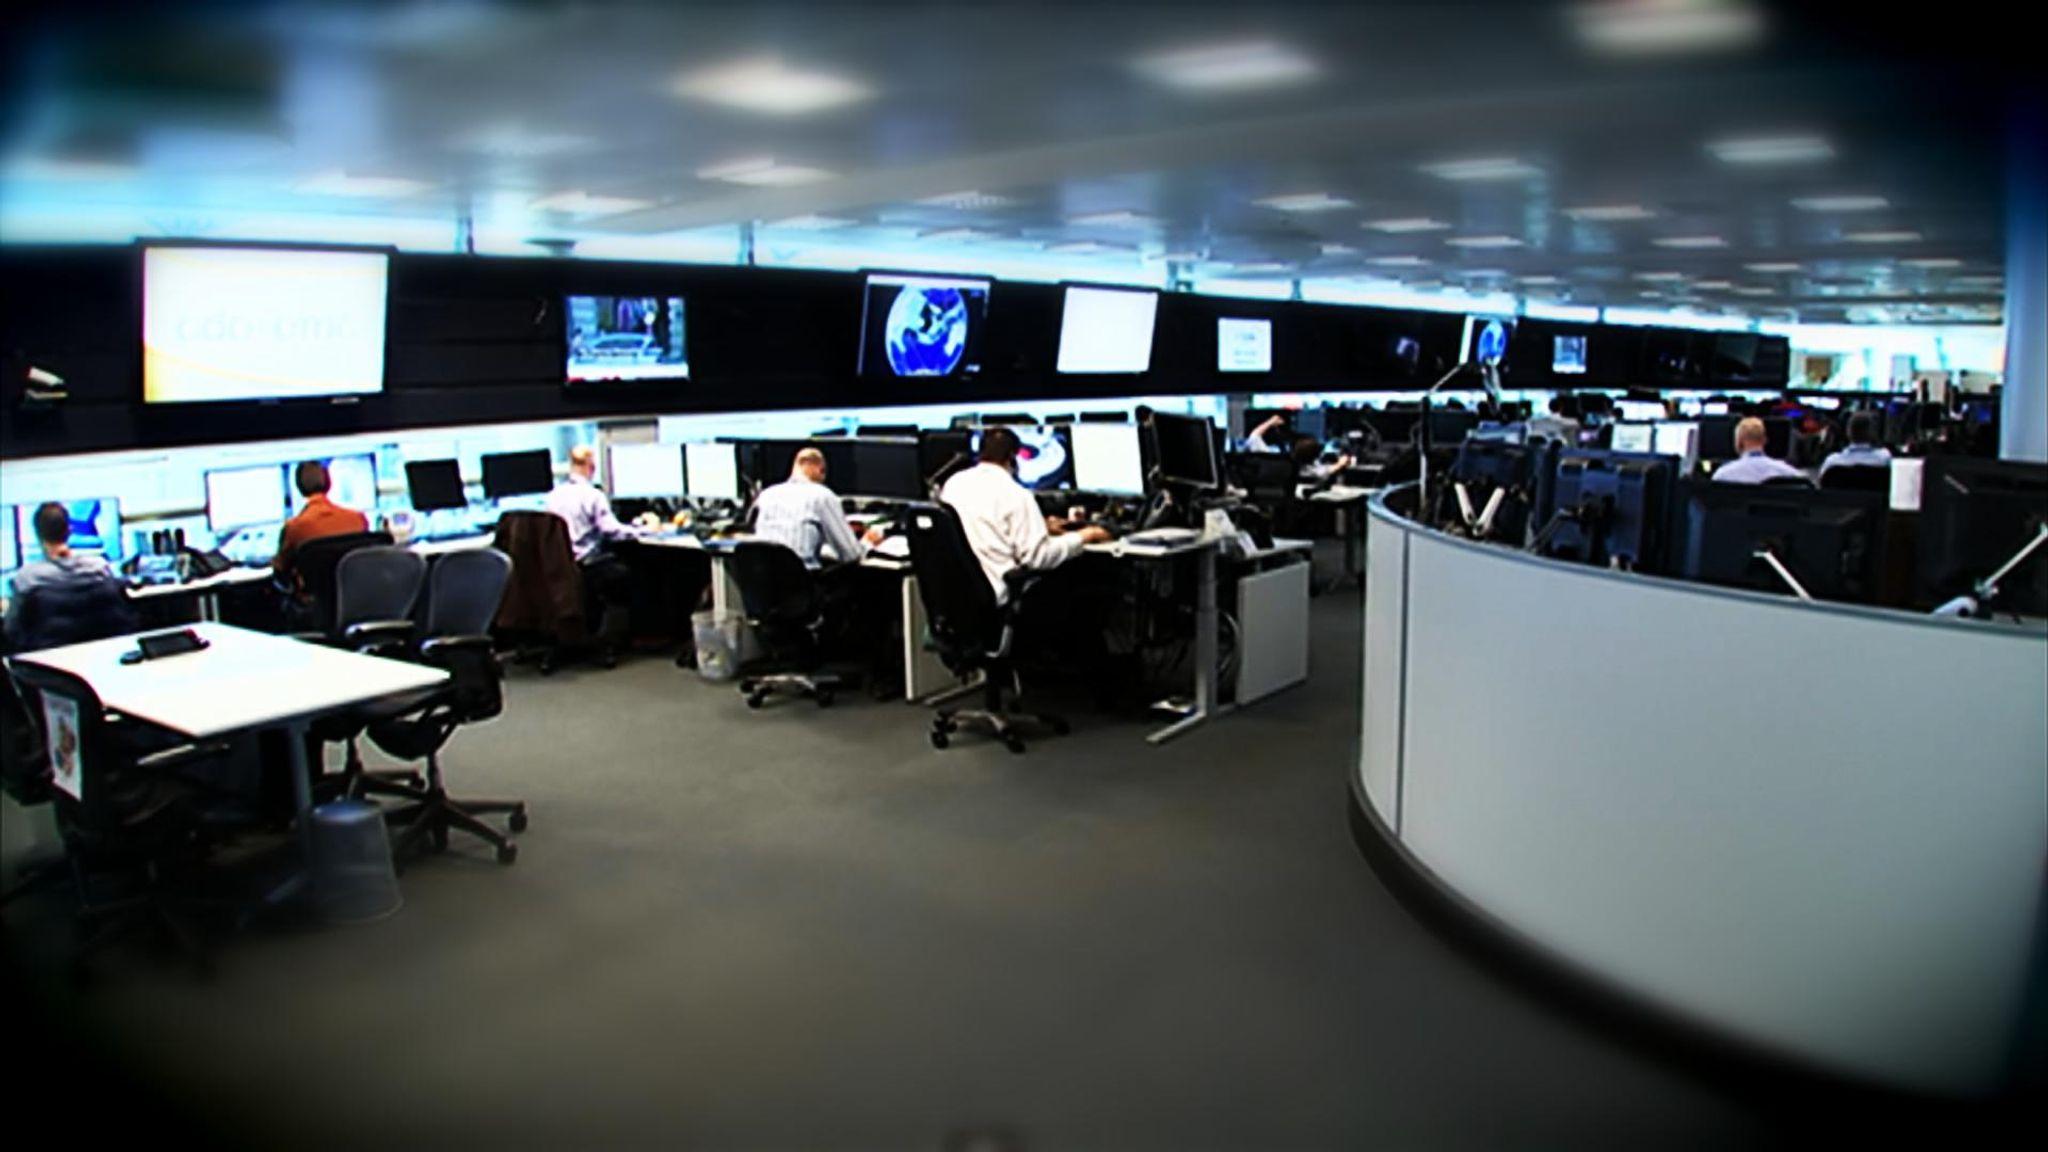 βρετανική υπηρεσία πληροφοριών